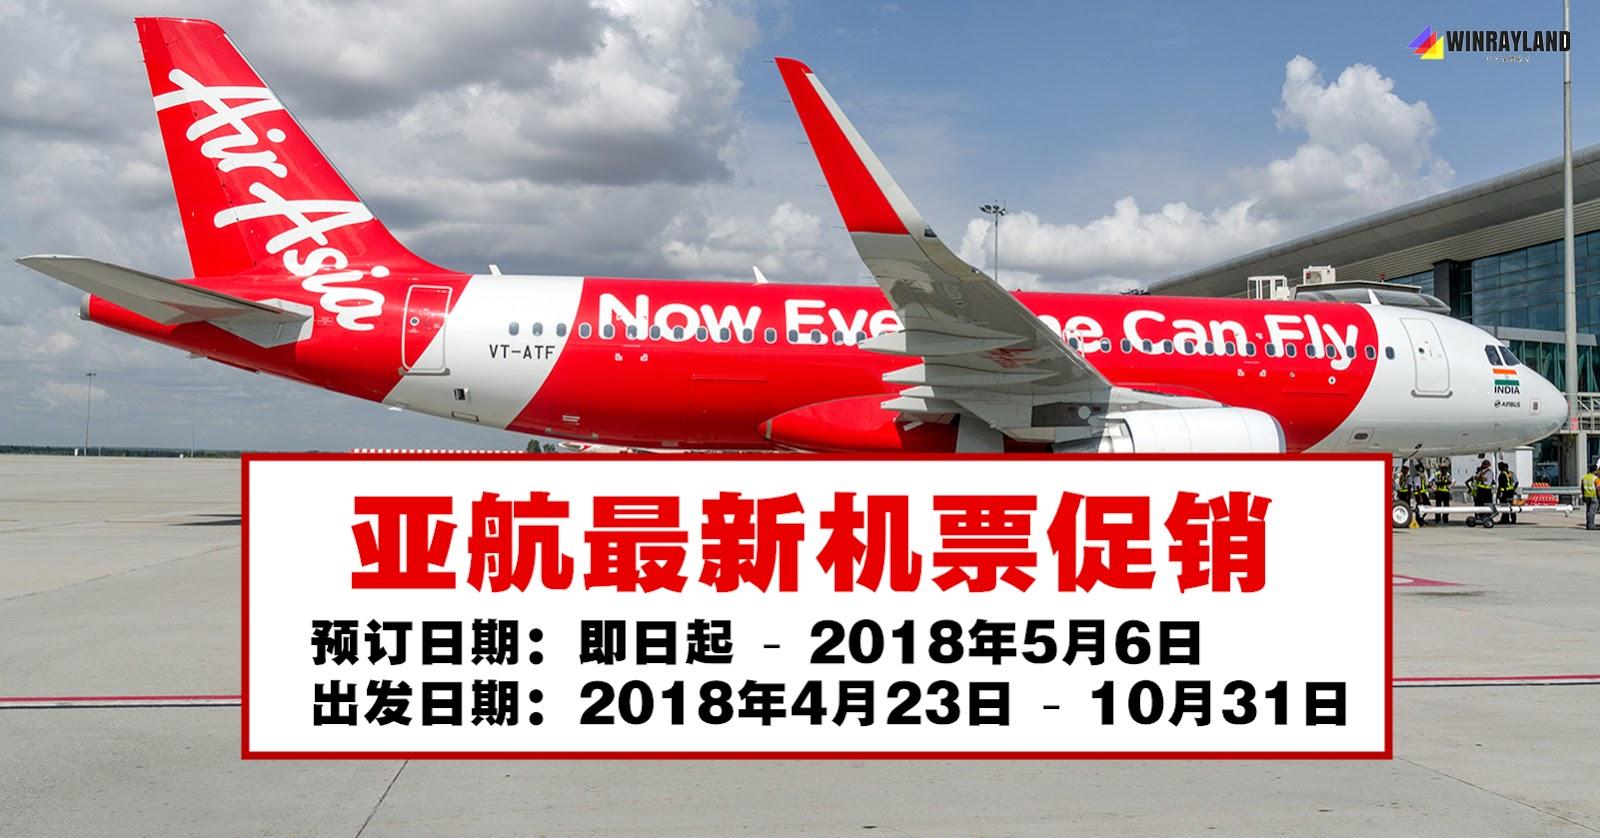 亞航最新機票促銷,不像瑞安航空,最低只需RM59 - WINRAYLAND